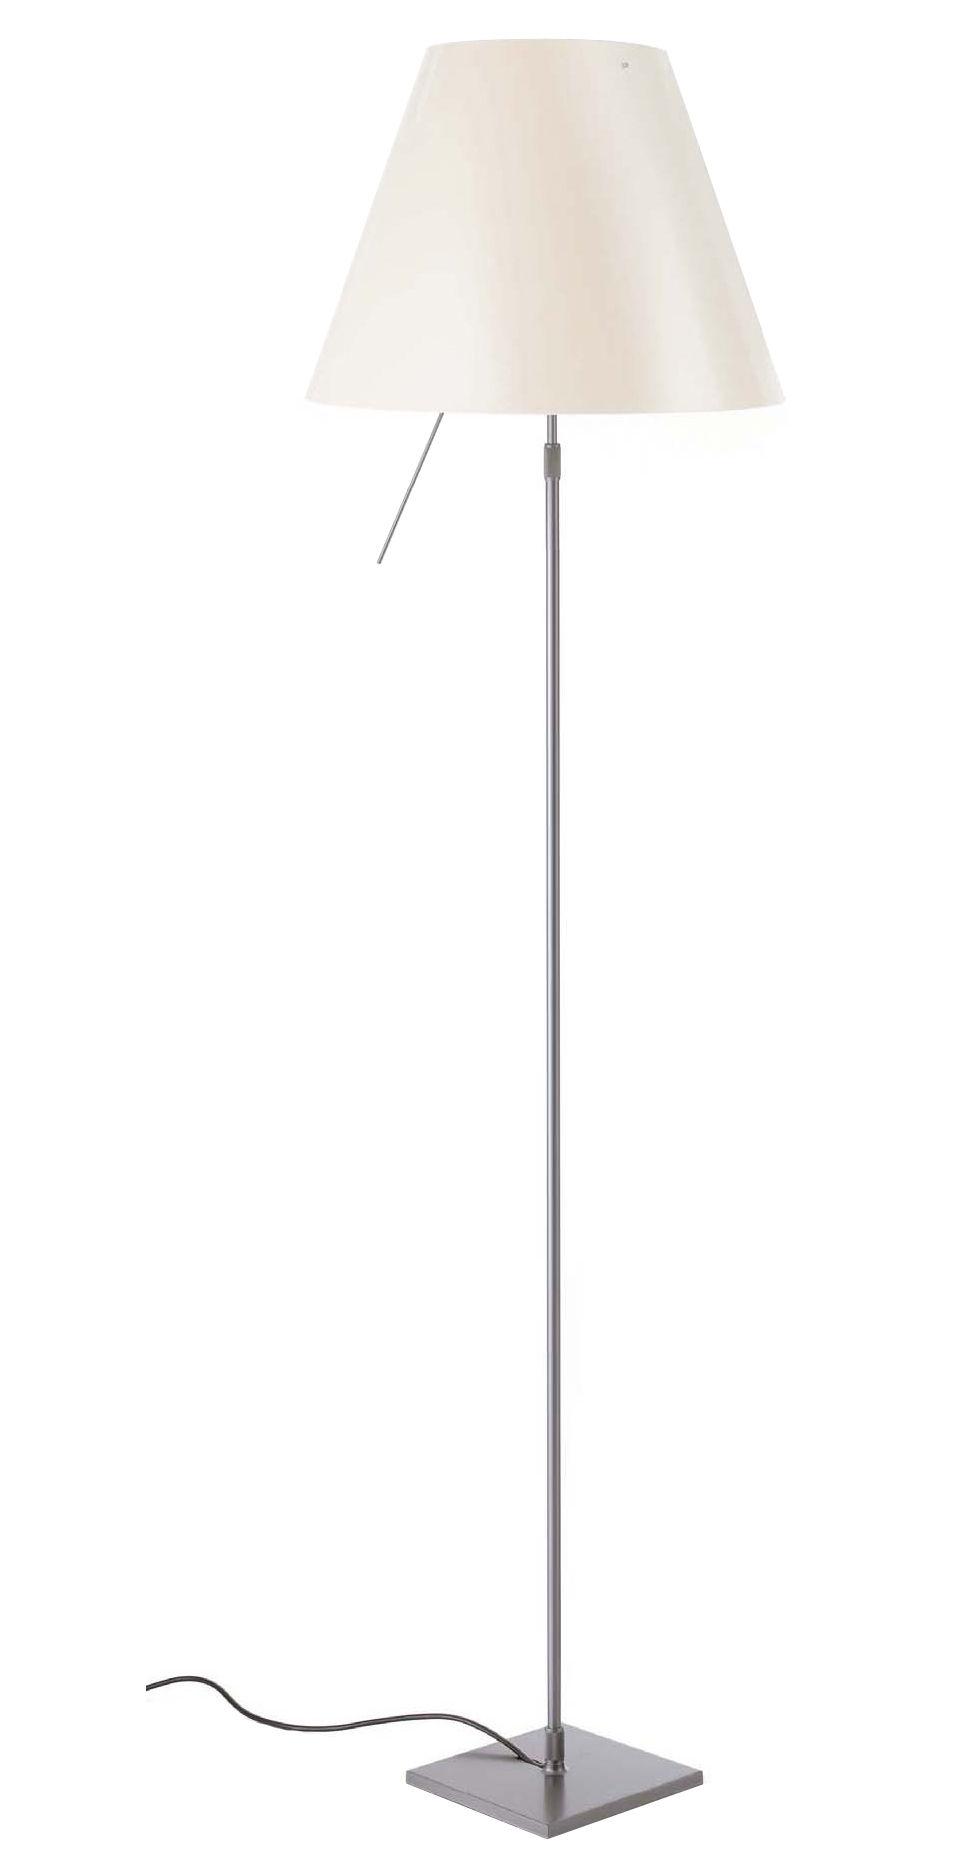 Luminaire - Lampadaires - Lampadaire Costanza / H 120 à 160 cm - Luceplan - Blanc / Pied aluminium - Aluminium peint, Polycarbonate